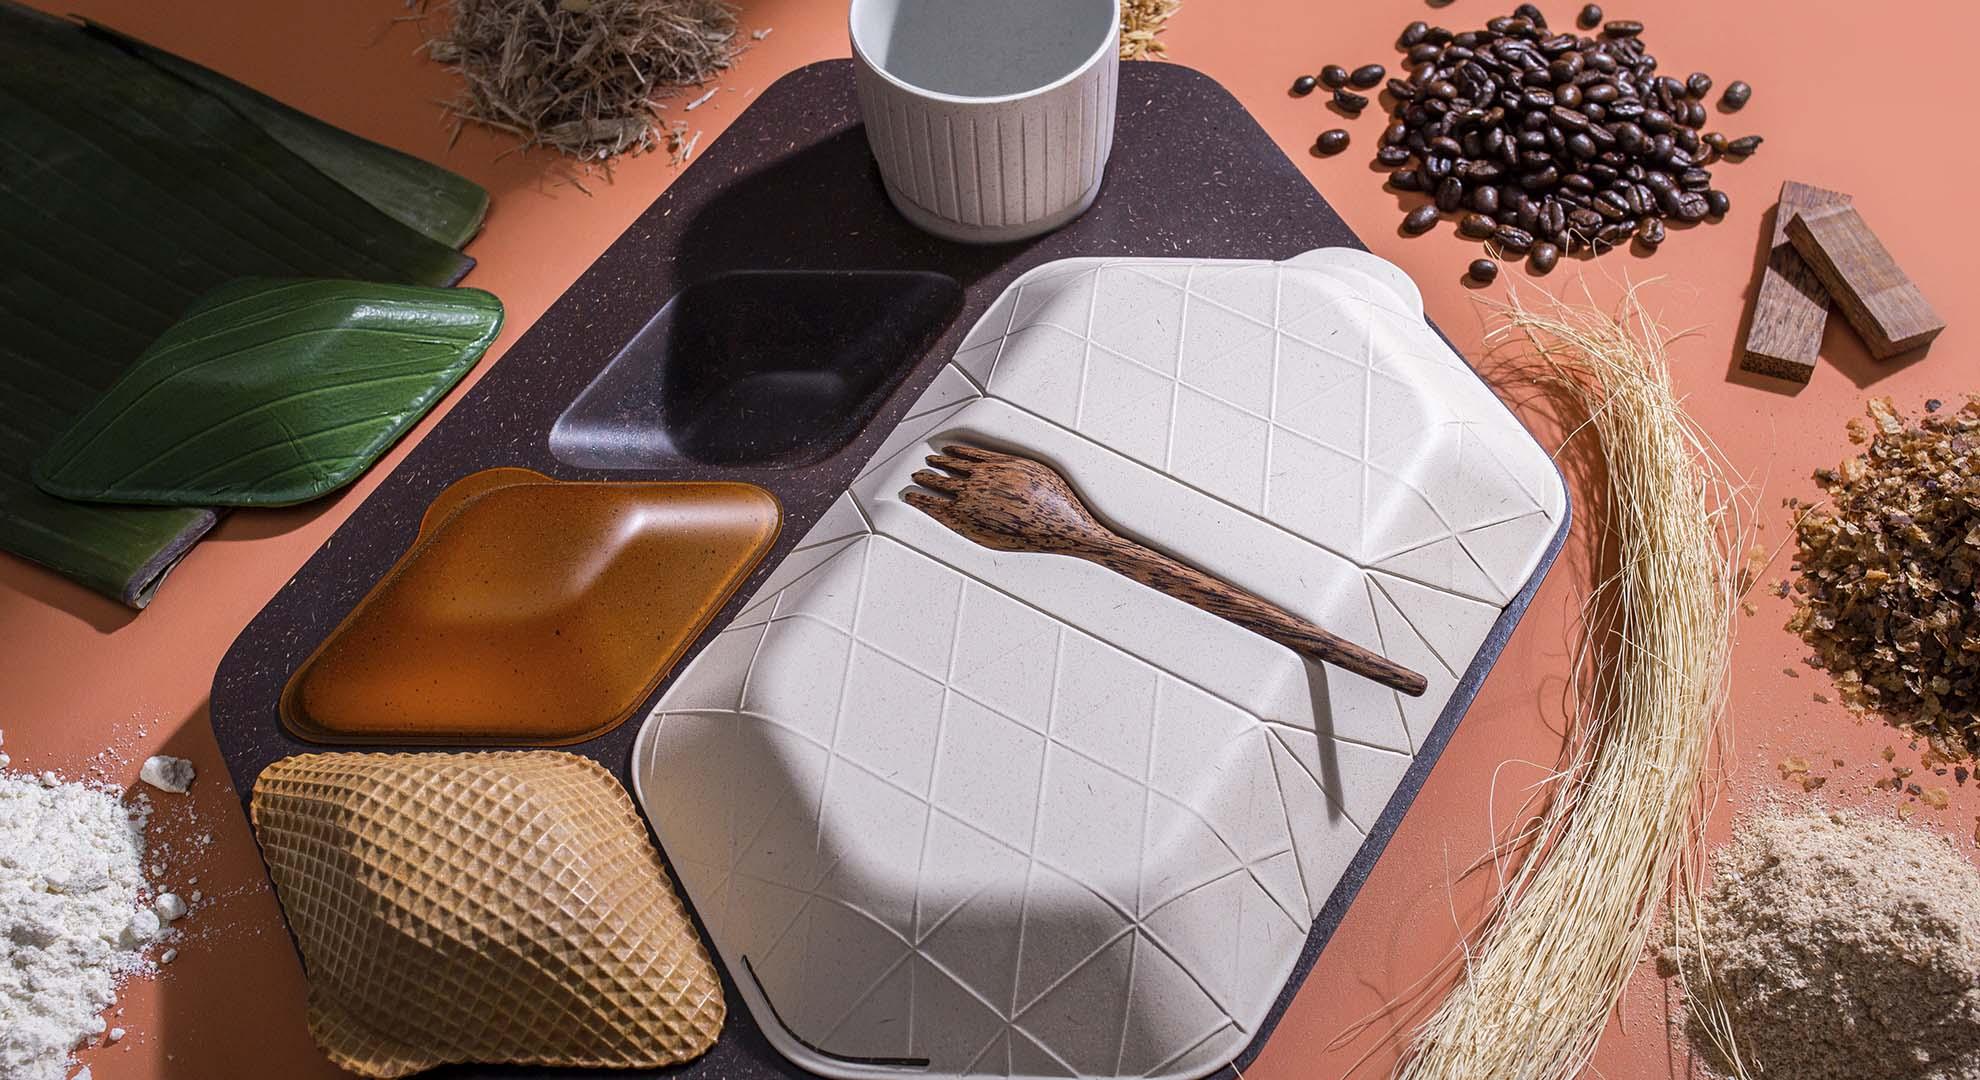 Bandeja de comida fabricada con granos de café como alternativa al uso del plástico.